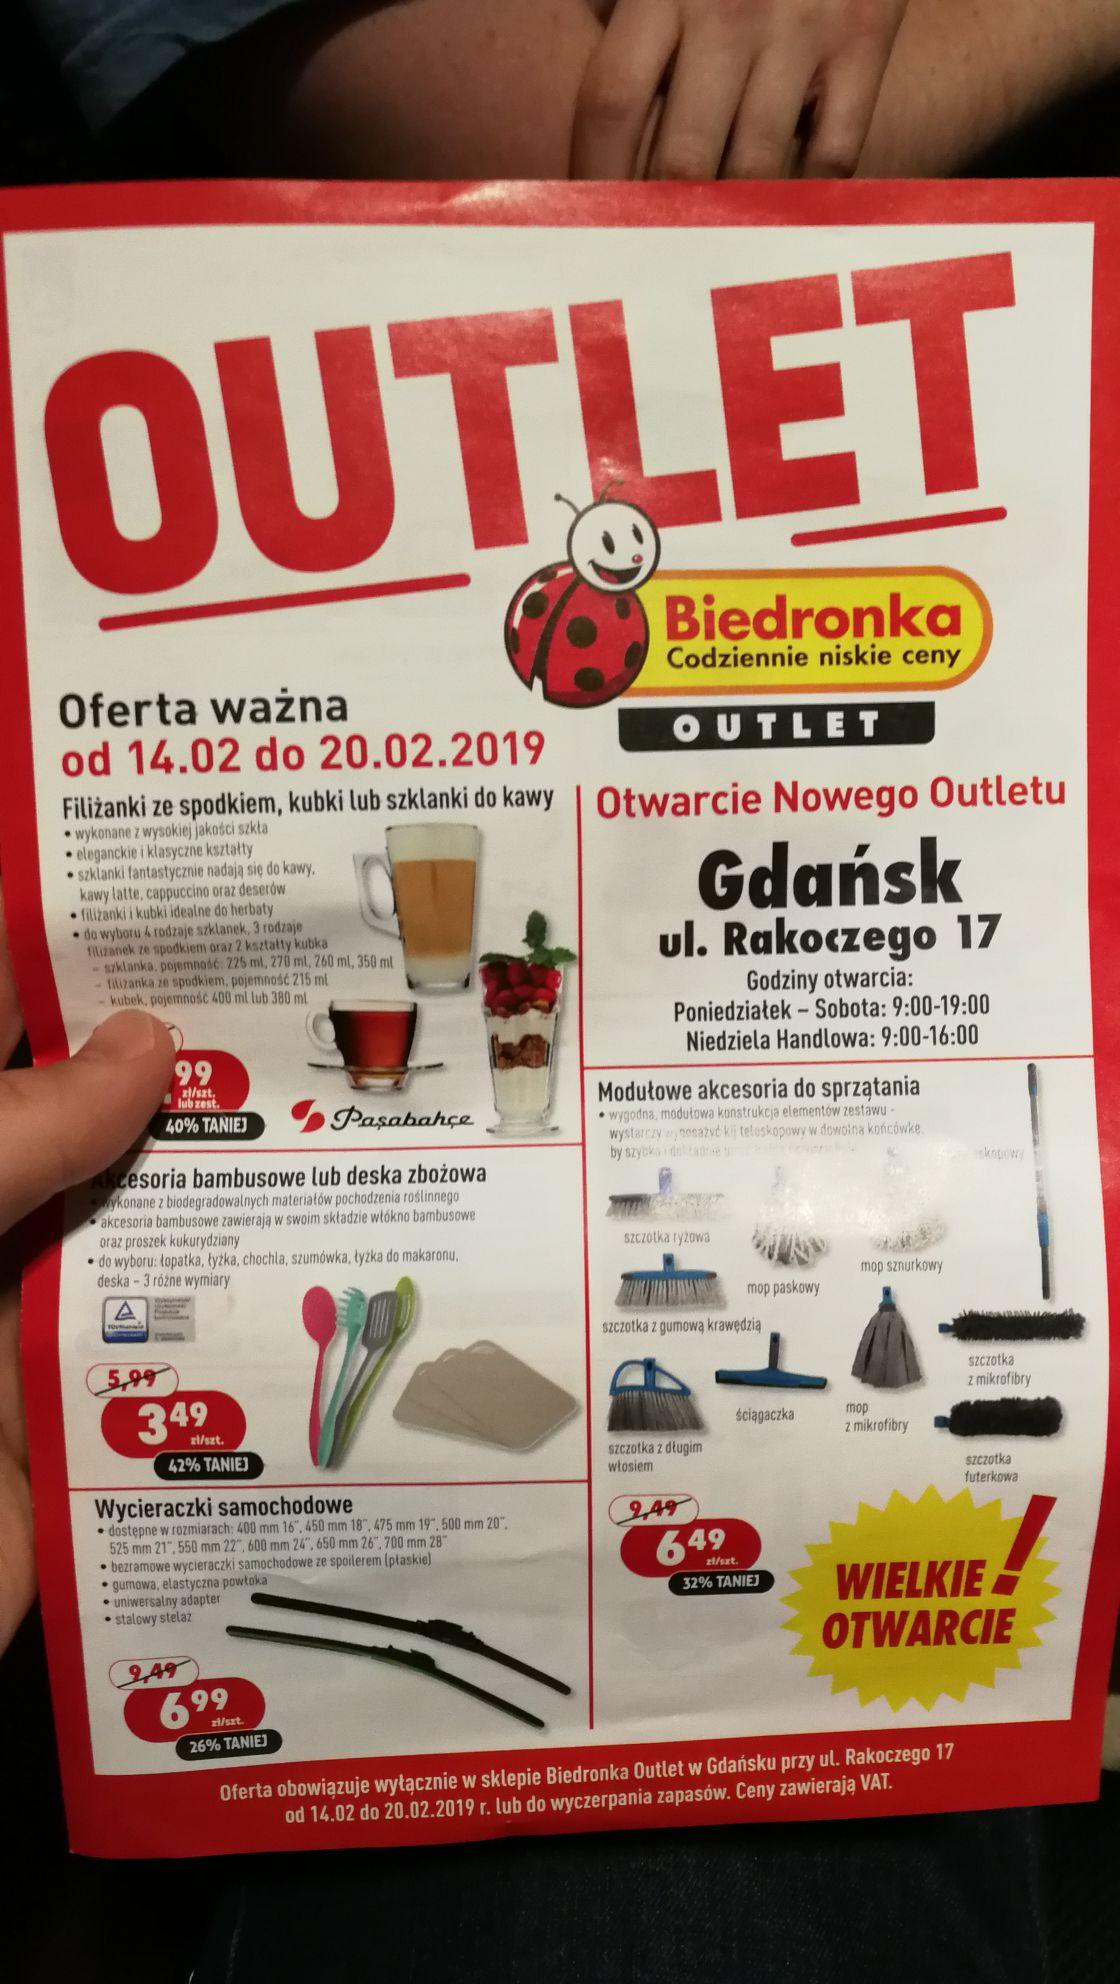 Biedronka outlet Gdańsk Morena otwarcie